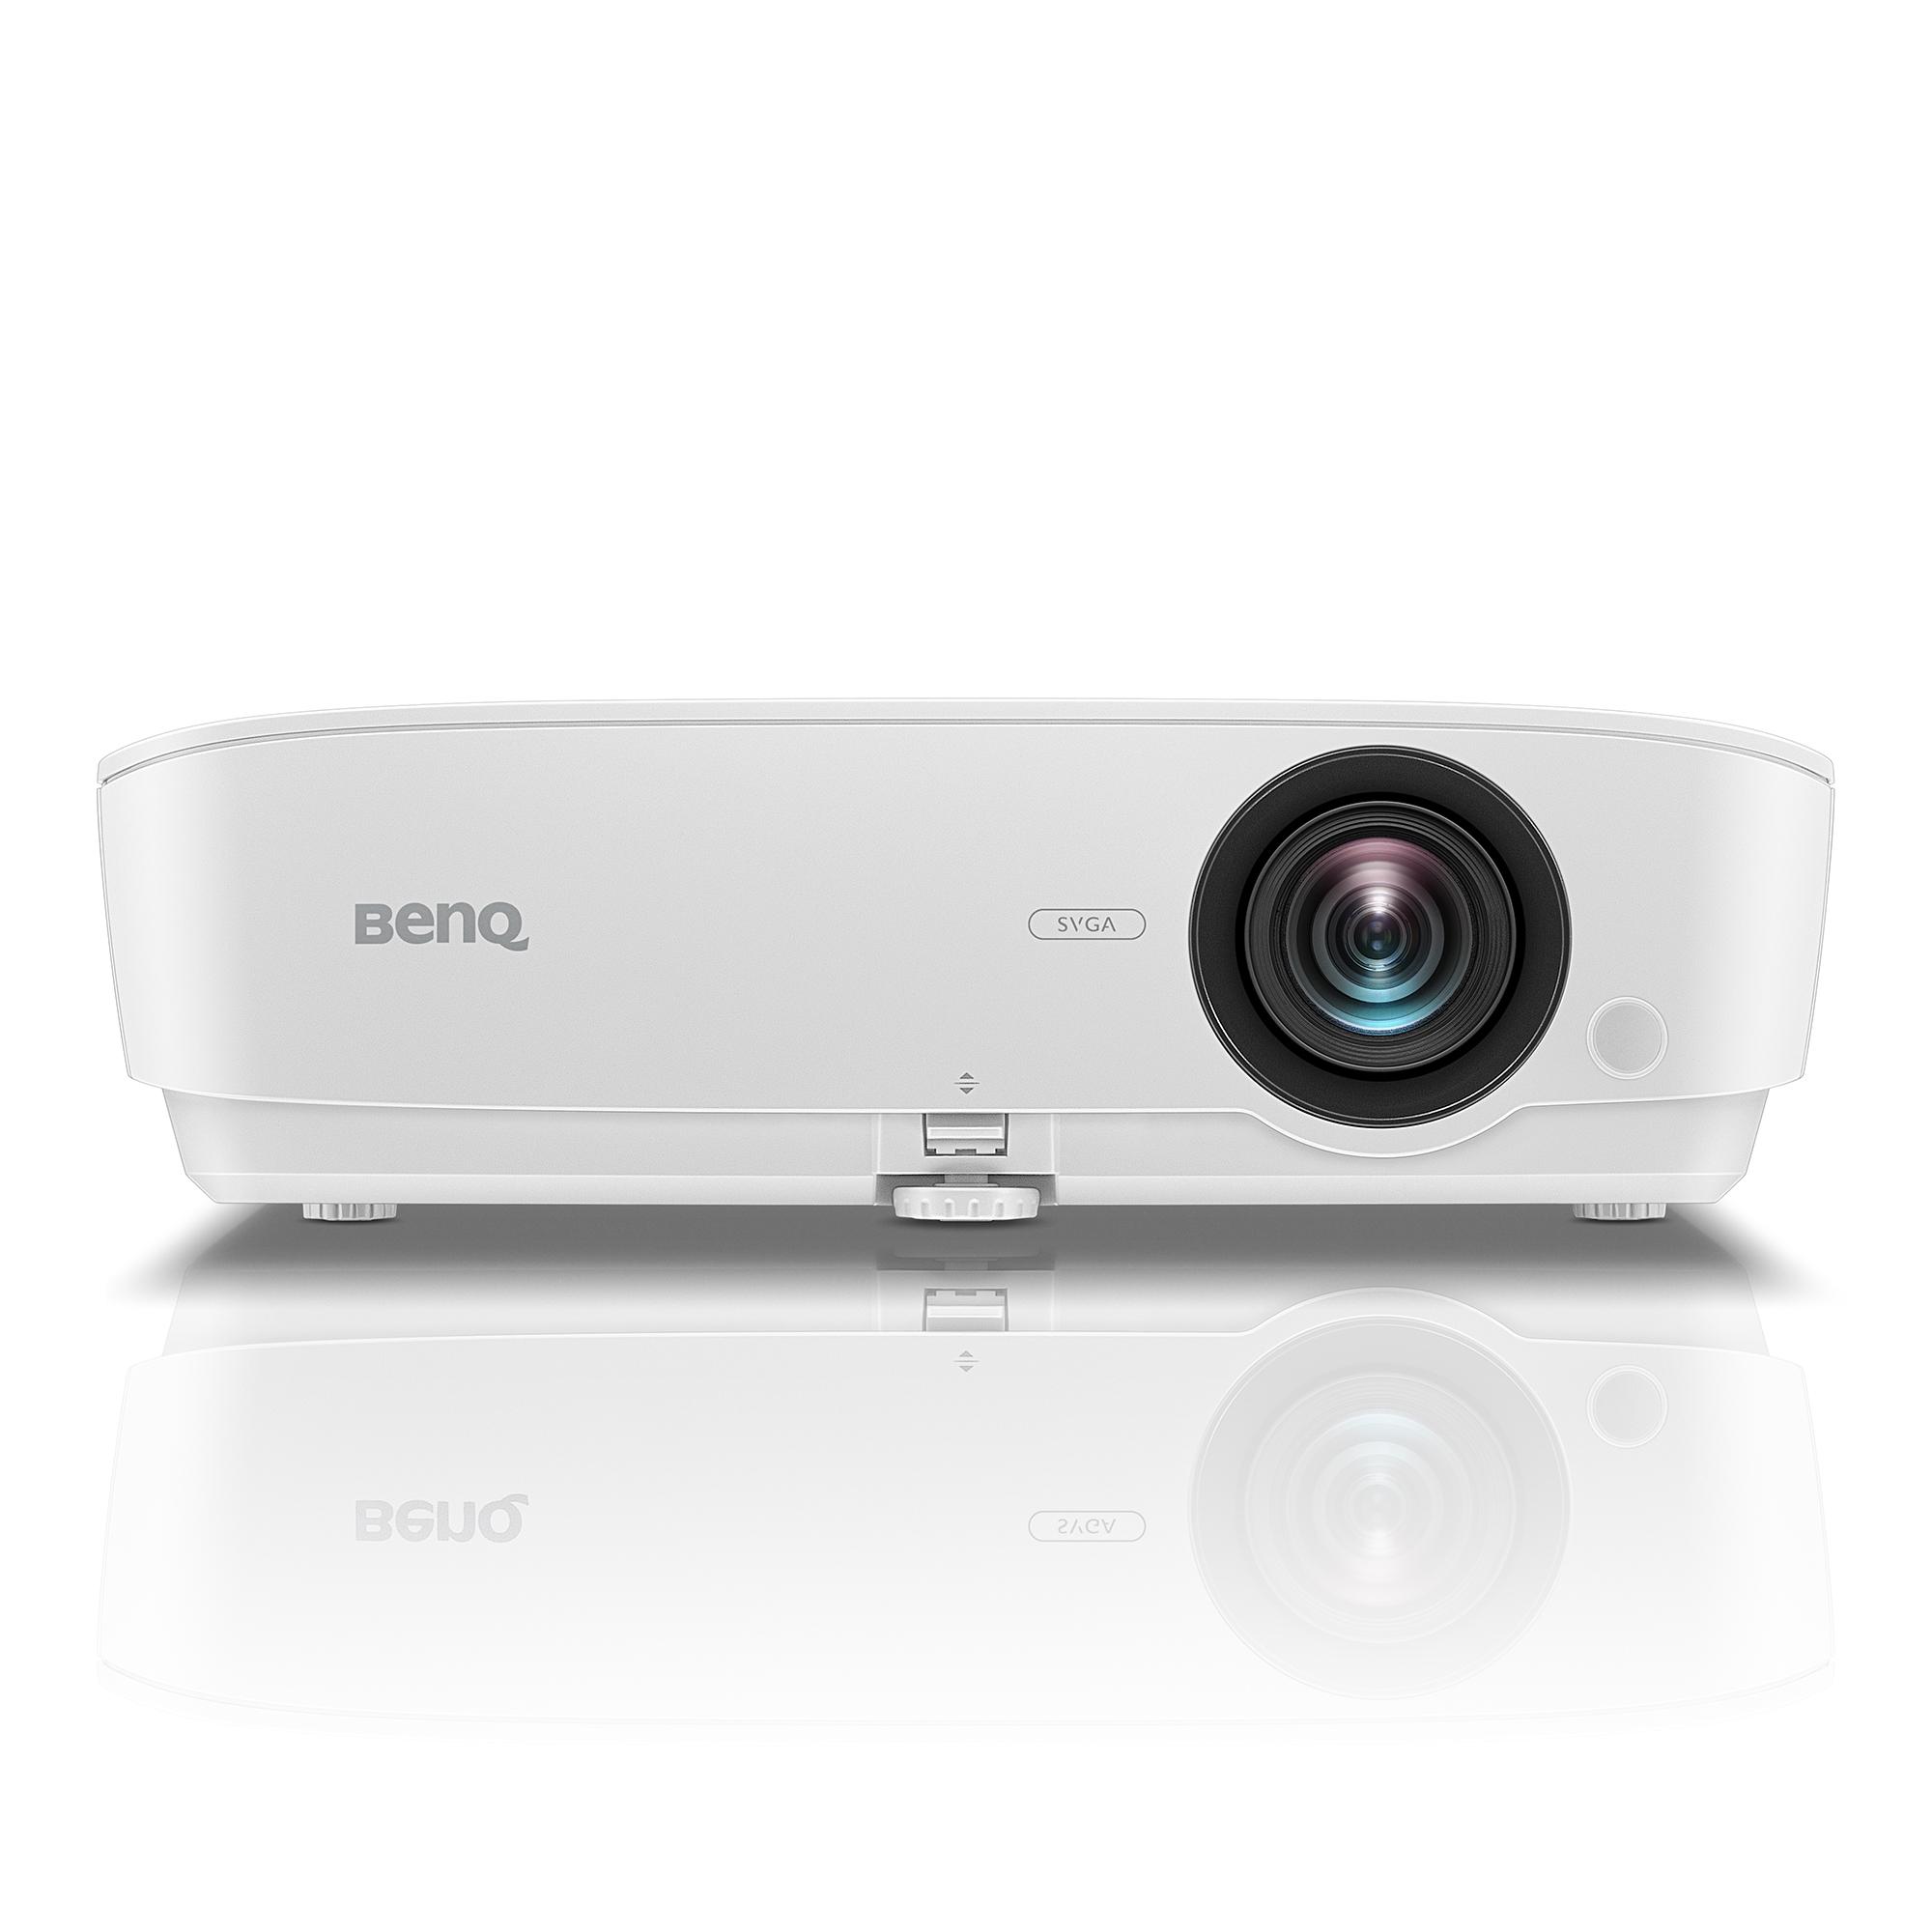 Benq MS535 Projector 800x600 Eco-Friendly SVGA Dual HDMI White Ref MS535